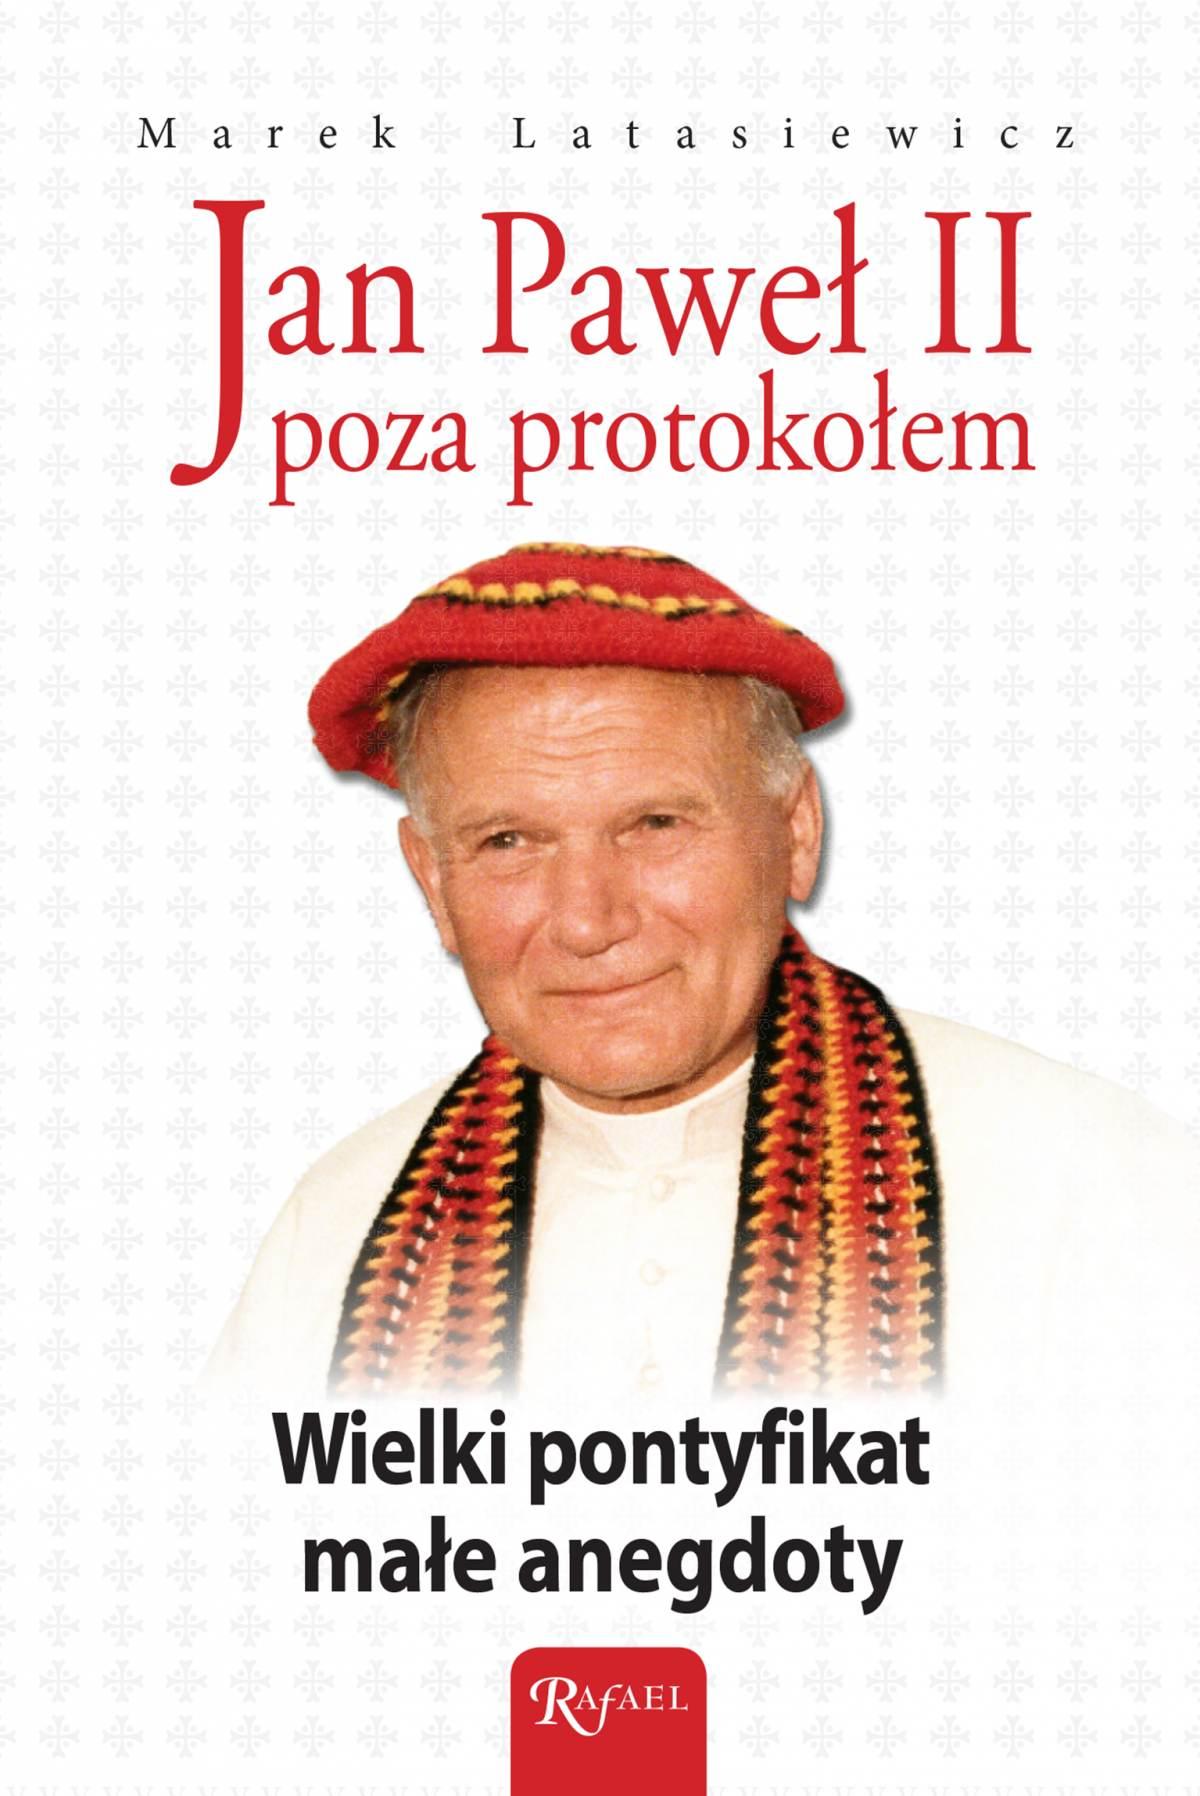 Jan Paweł II poza protokołem. Wielki pontyfikat, małe anegdoty - Ebook (Książka EPUB) do pobrania w formacie EPUB